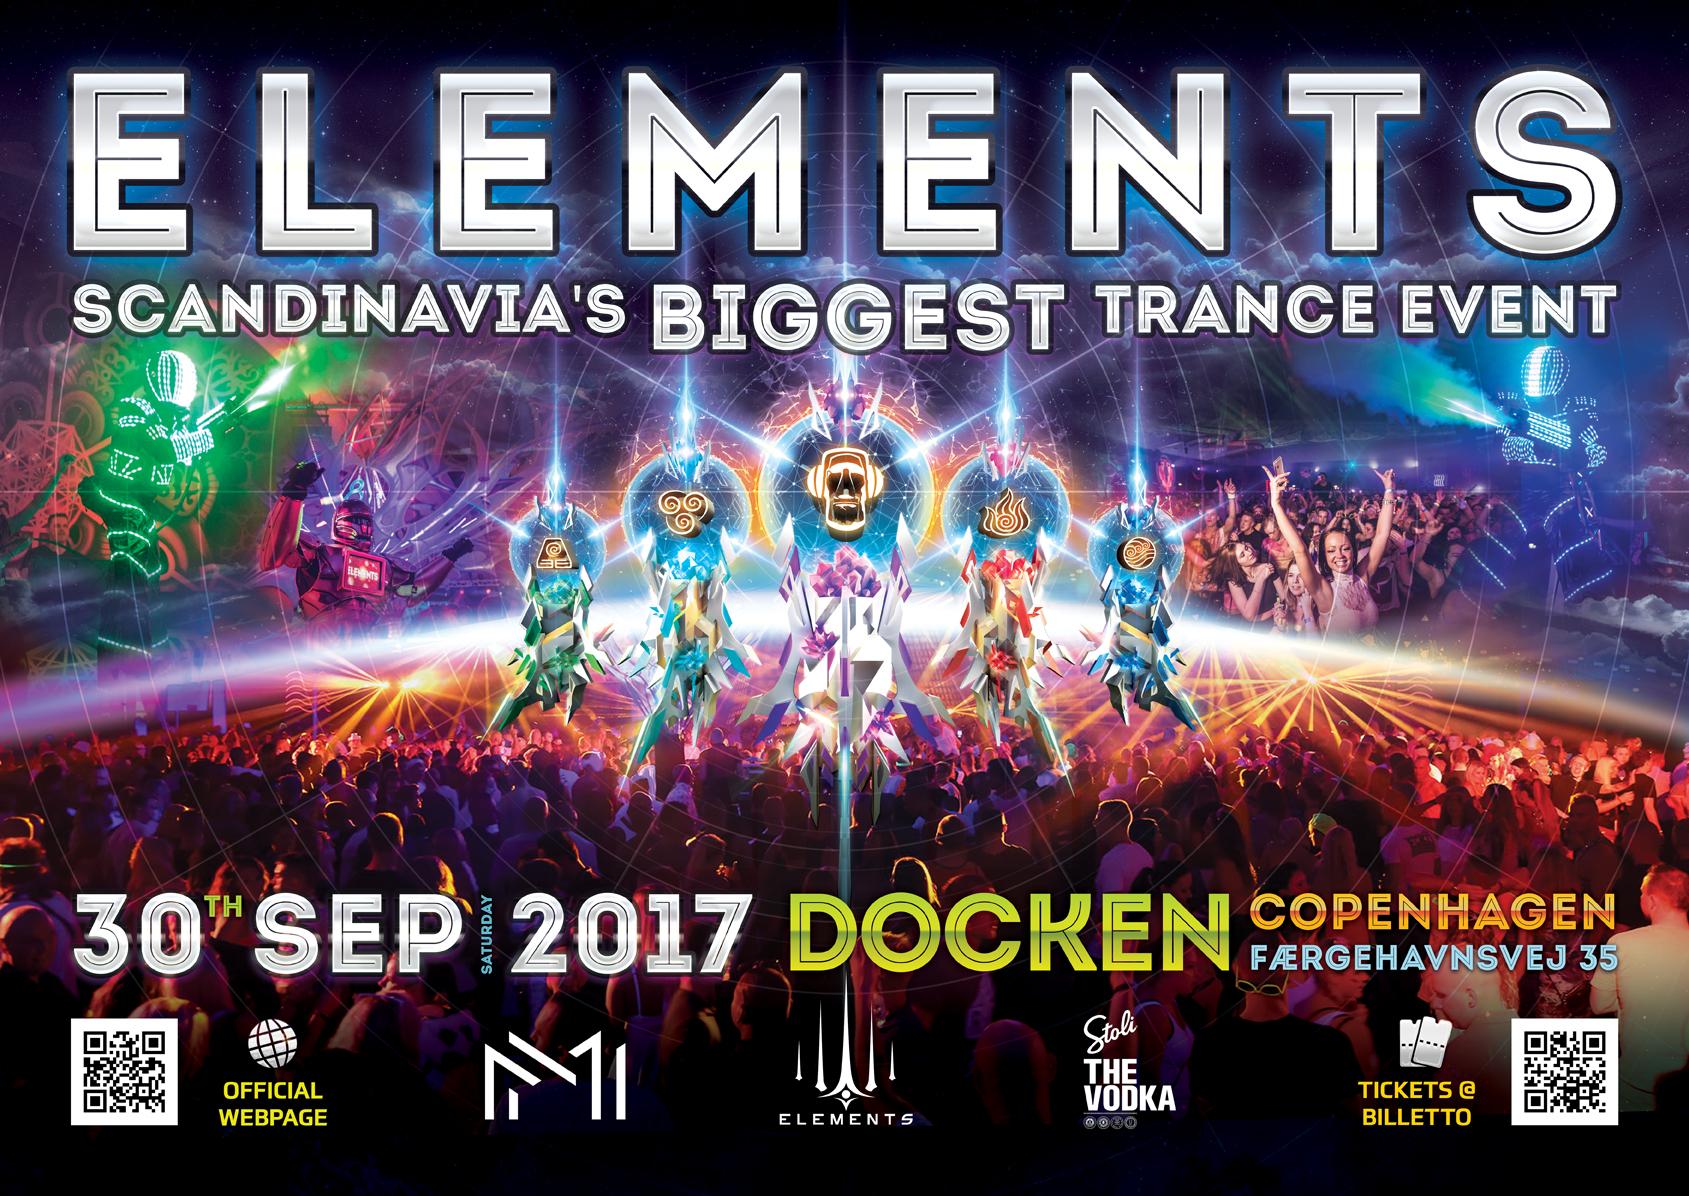 Elements #6 – Elements